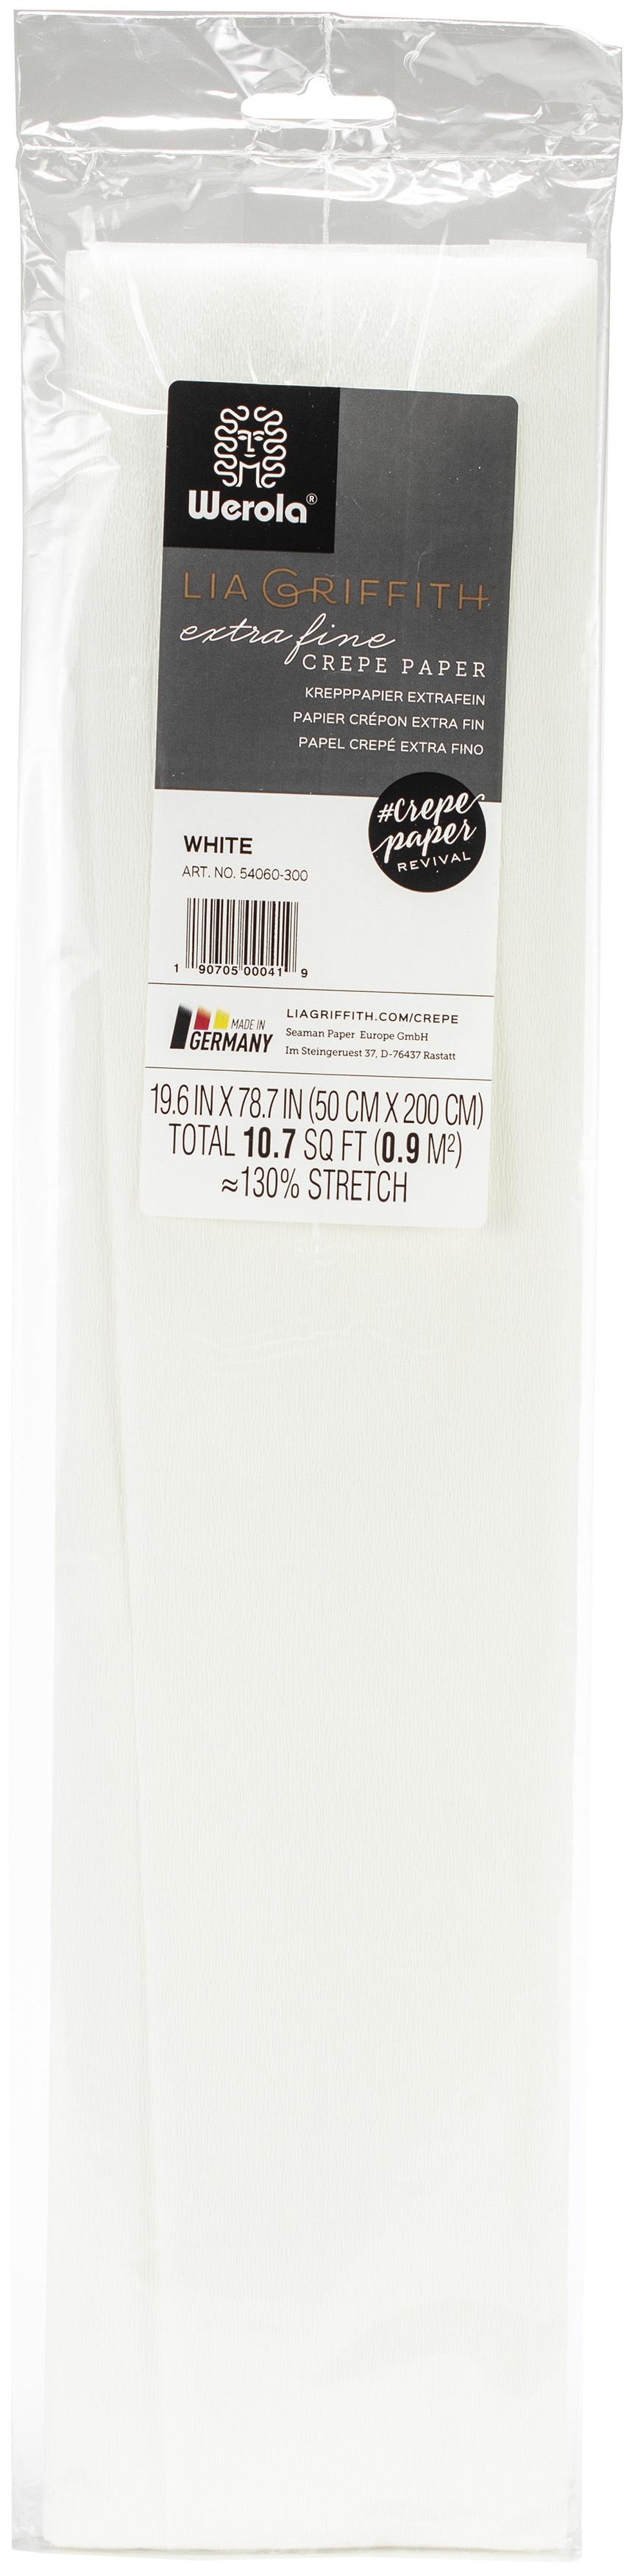 Extra Fine Crepe Paper 19.6X78.7-White